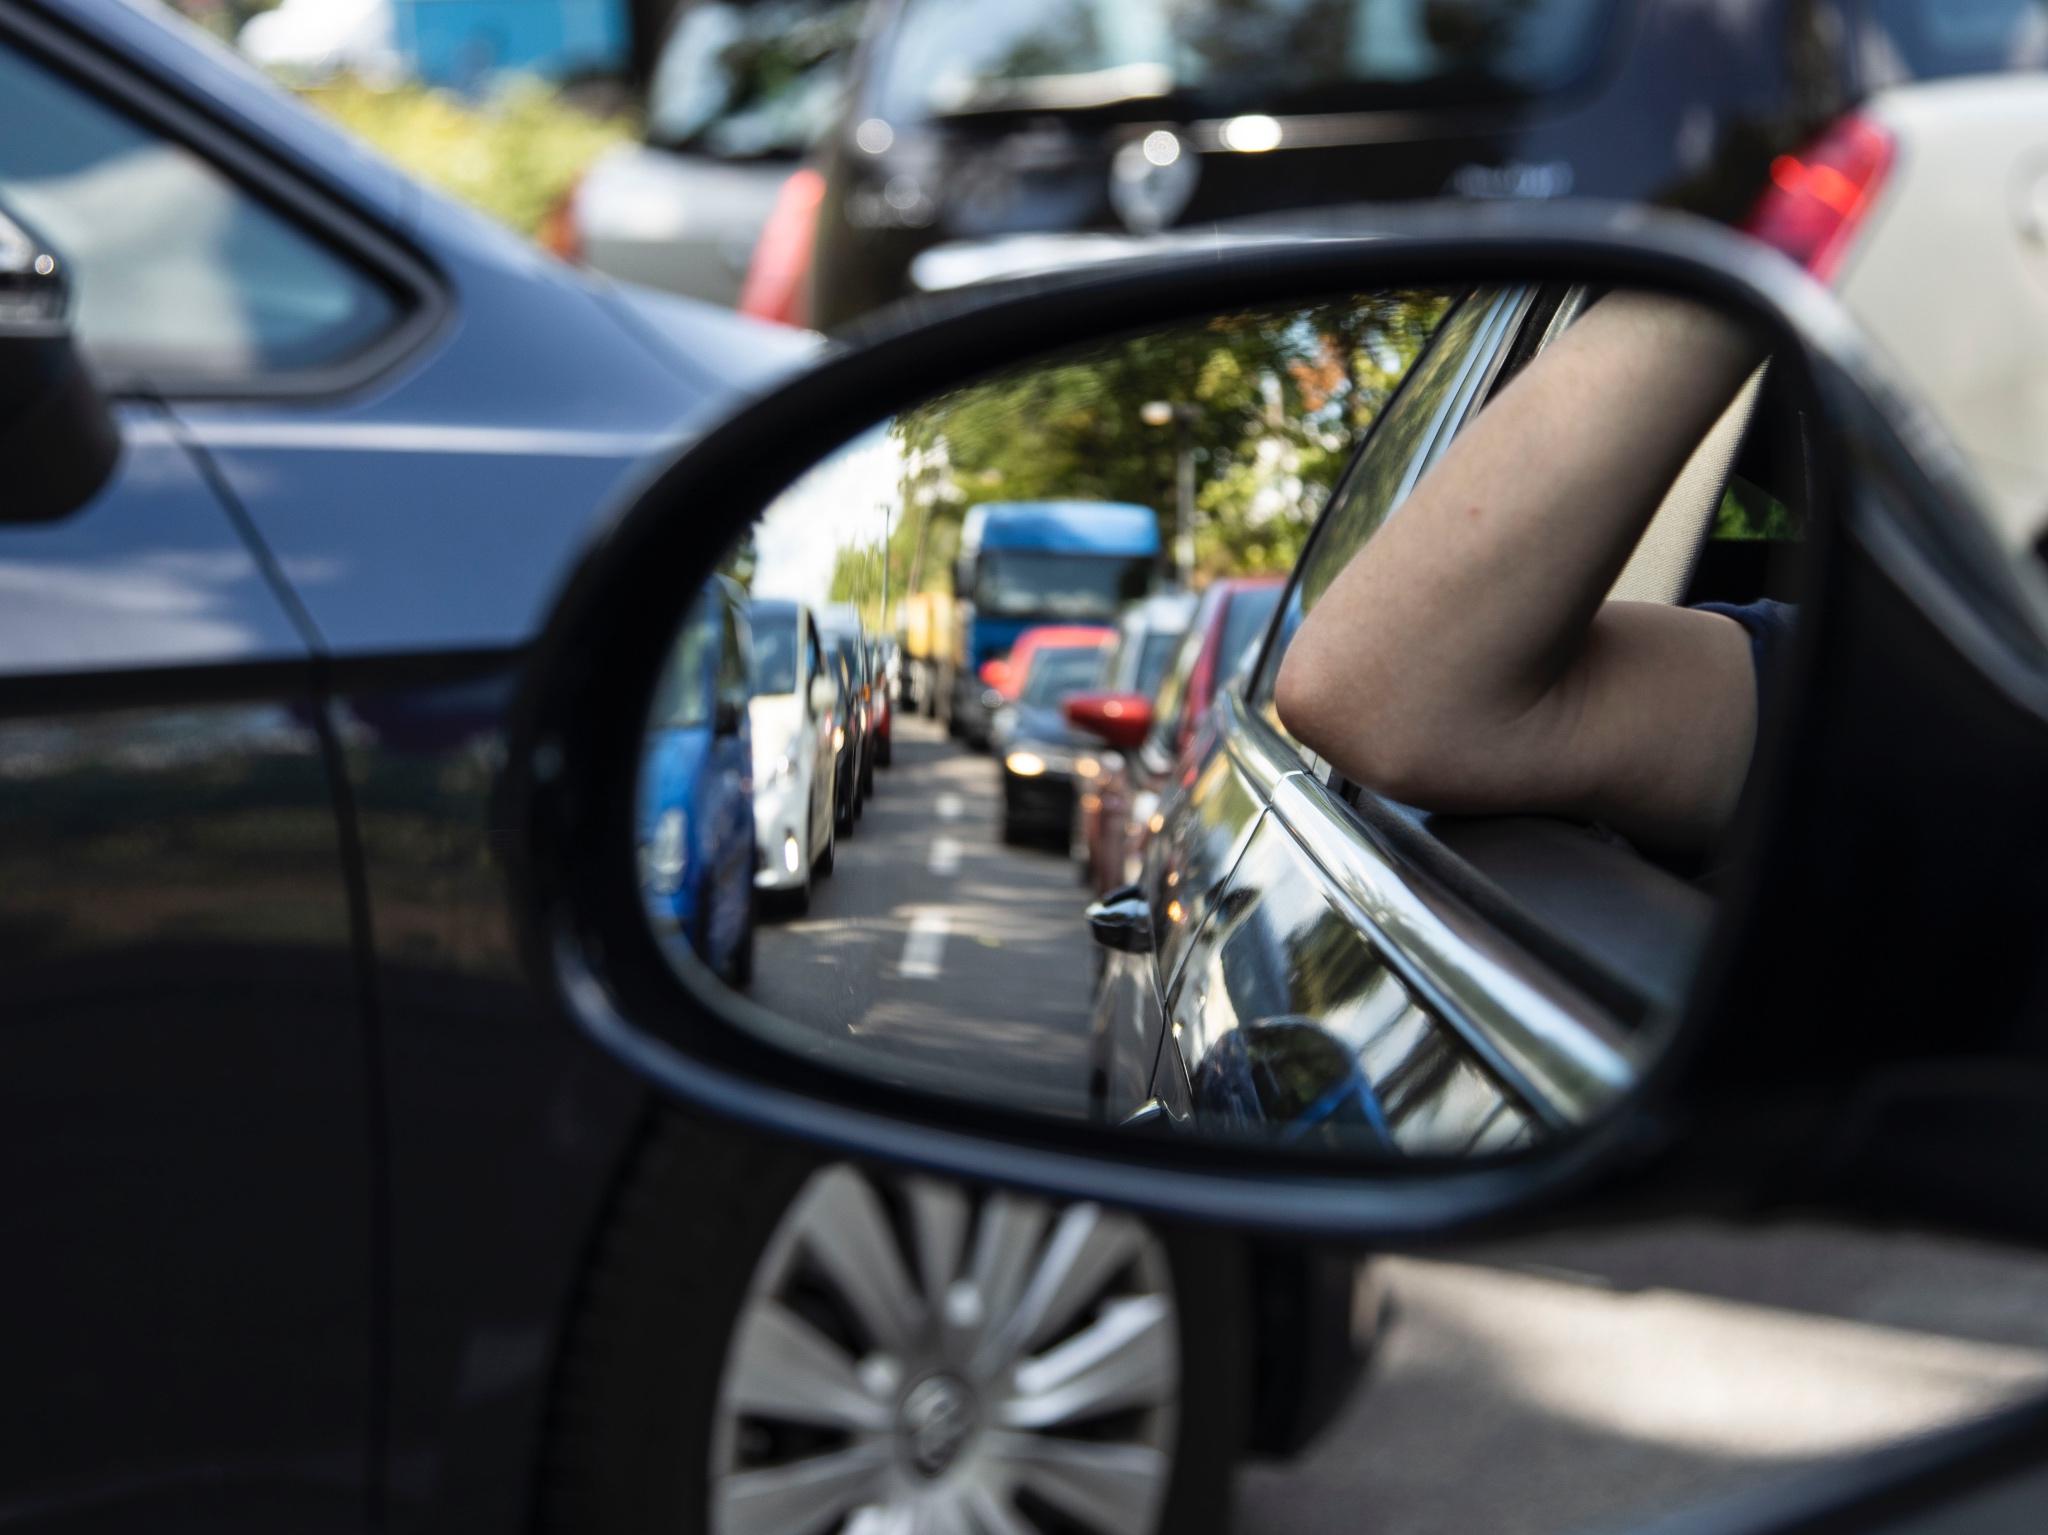 Frust im Stau: Immer mehr Beschäftigte haben weite Wege zur Arbeit. Foto: IG BAU